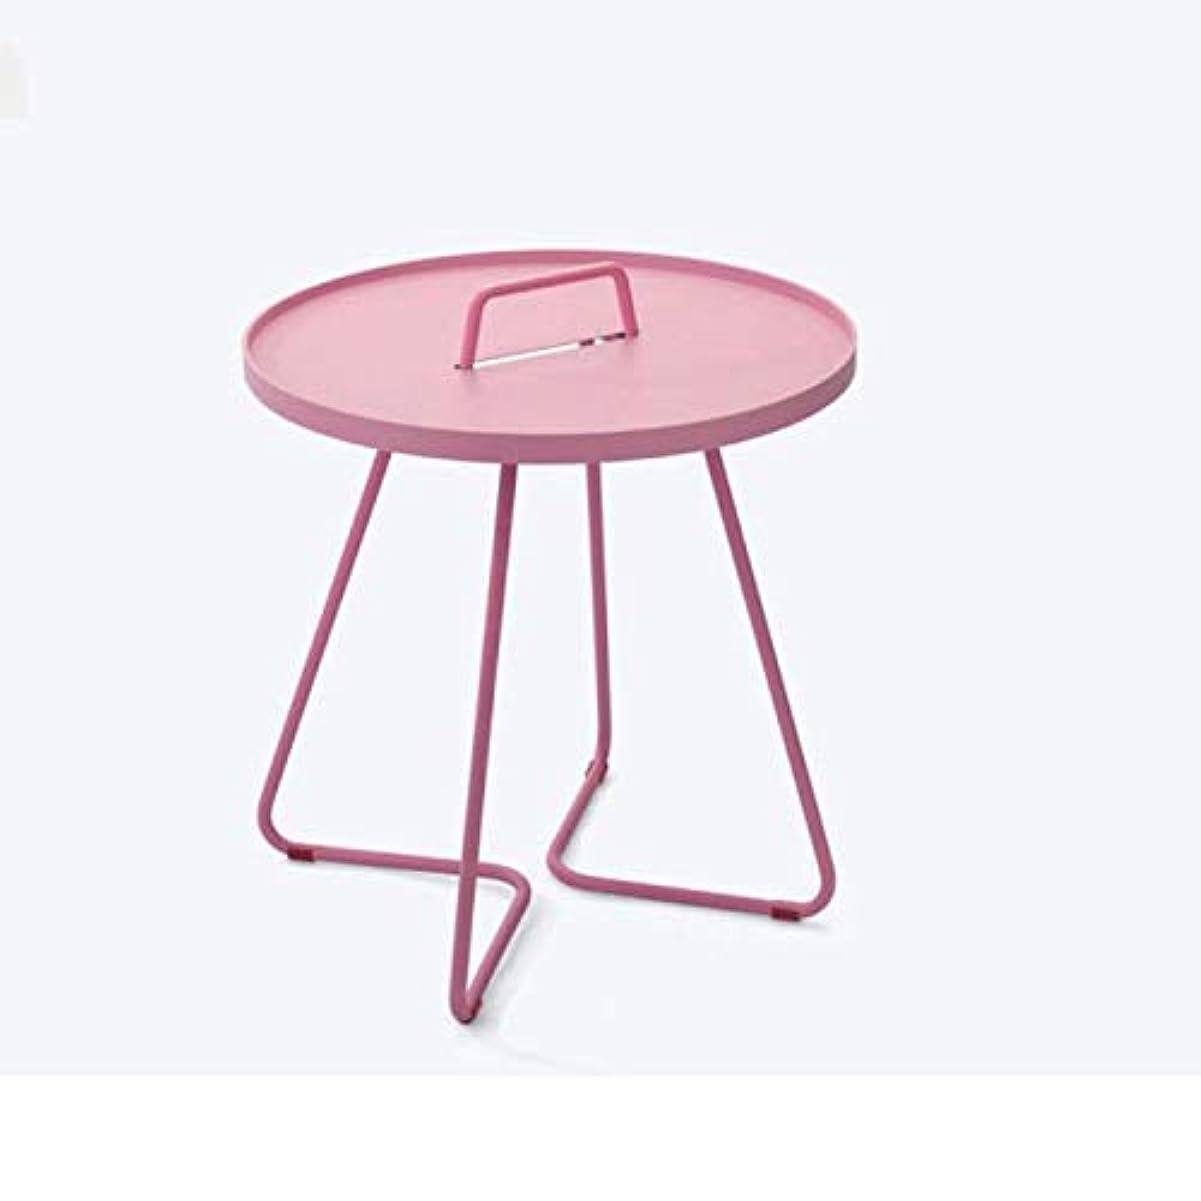 壁機会のぞき穴トレイ アクセント エンド テーブル,サイド テーブル ラウンド 金属製のコーヒー テーブル-ピンク 44x46cm(17x18inch)